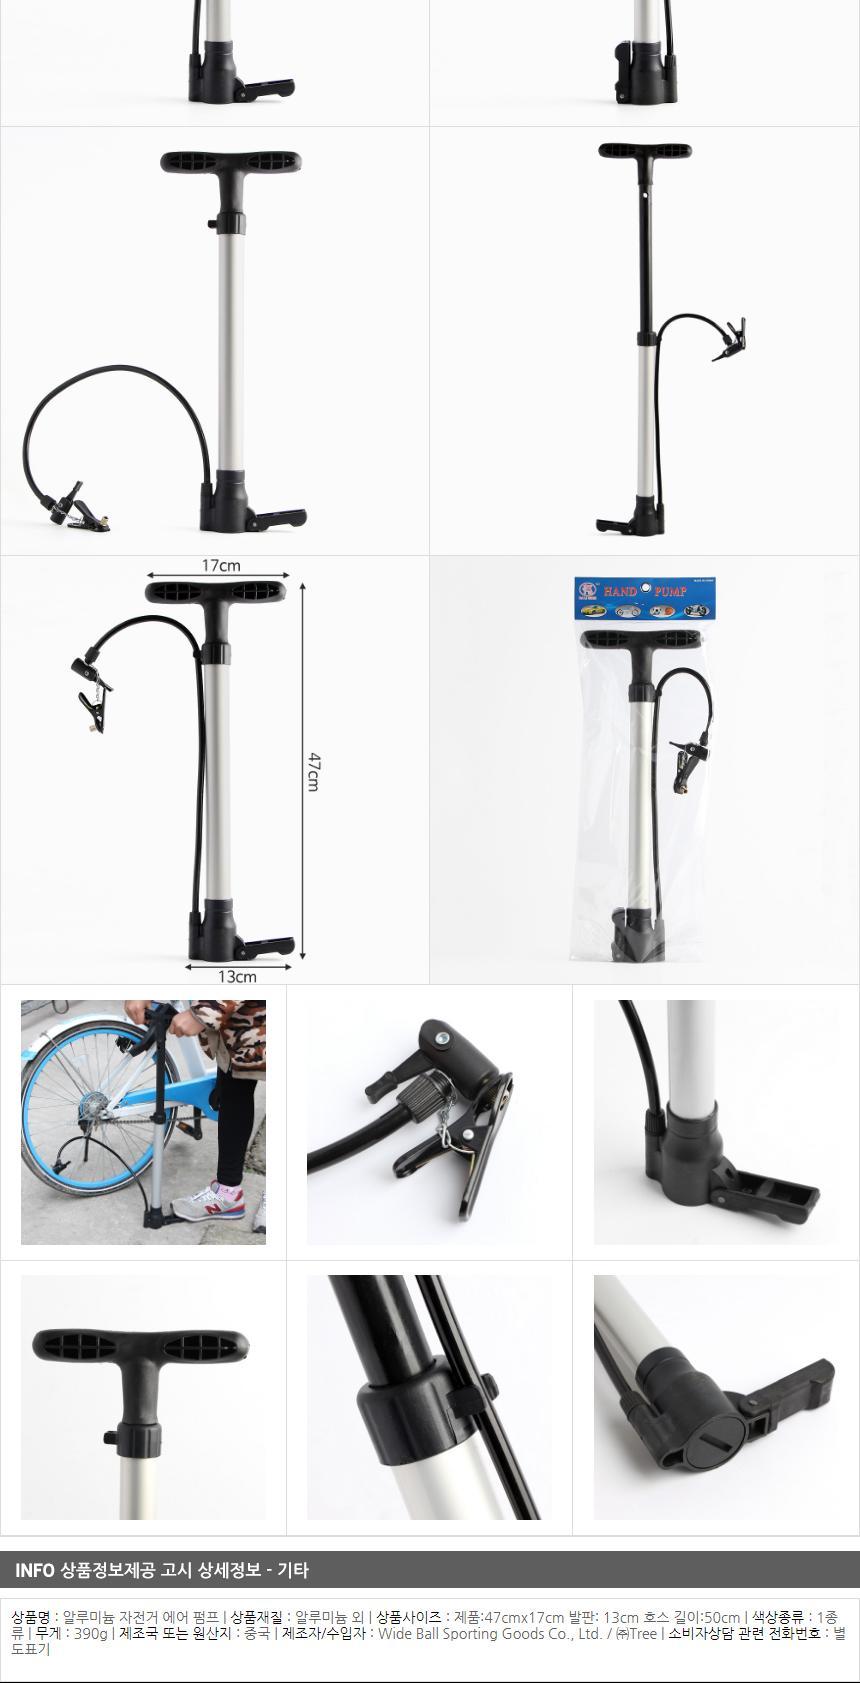 알루미늄 자전거 에어 펌프 가정용펌프 자전거펌프 에 가정용펌프 자전거펌프 에어펌프 가정용발펌프 가정용에어펌프